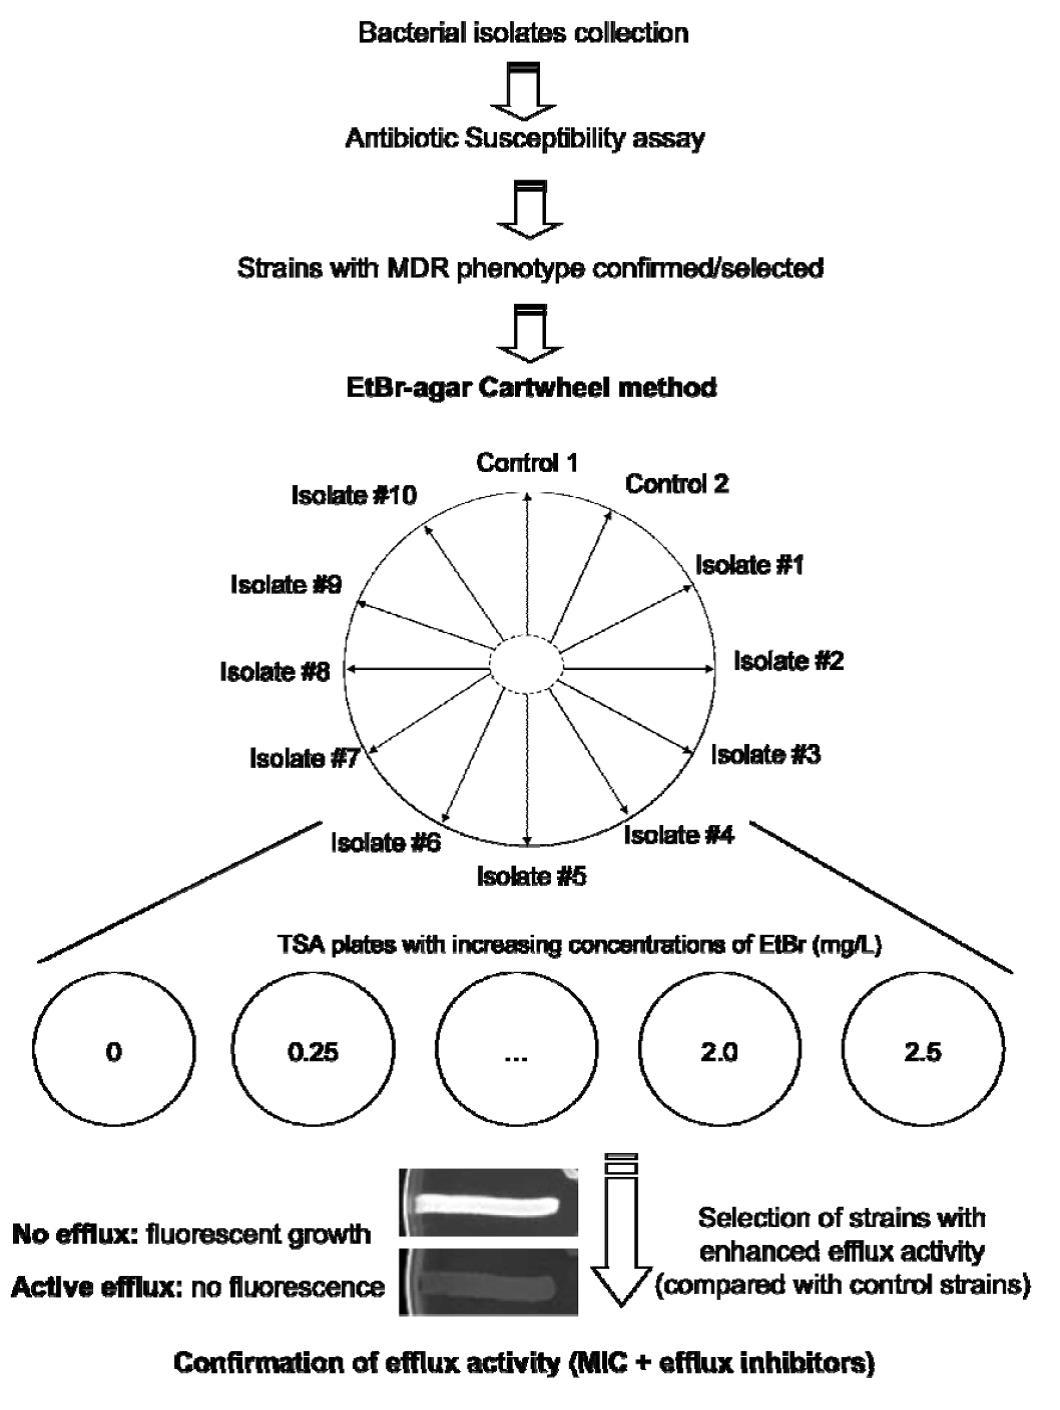 Opizionibinarie Quale E Importo Minimo   Mimevagebasoh Web